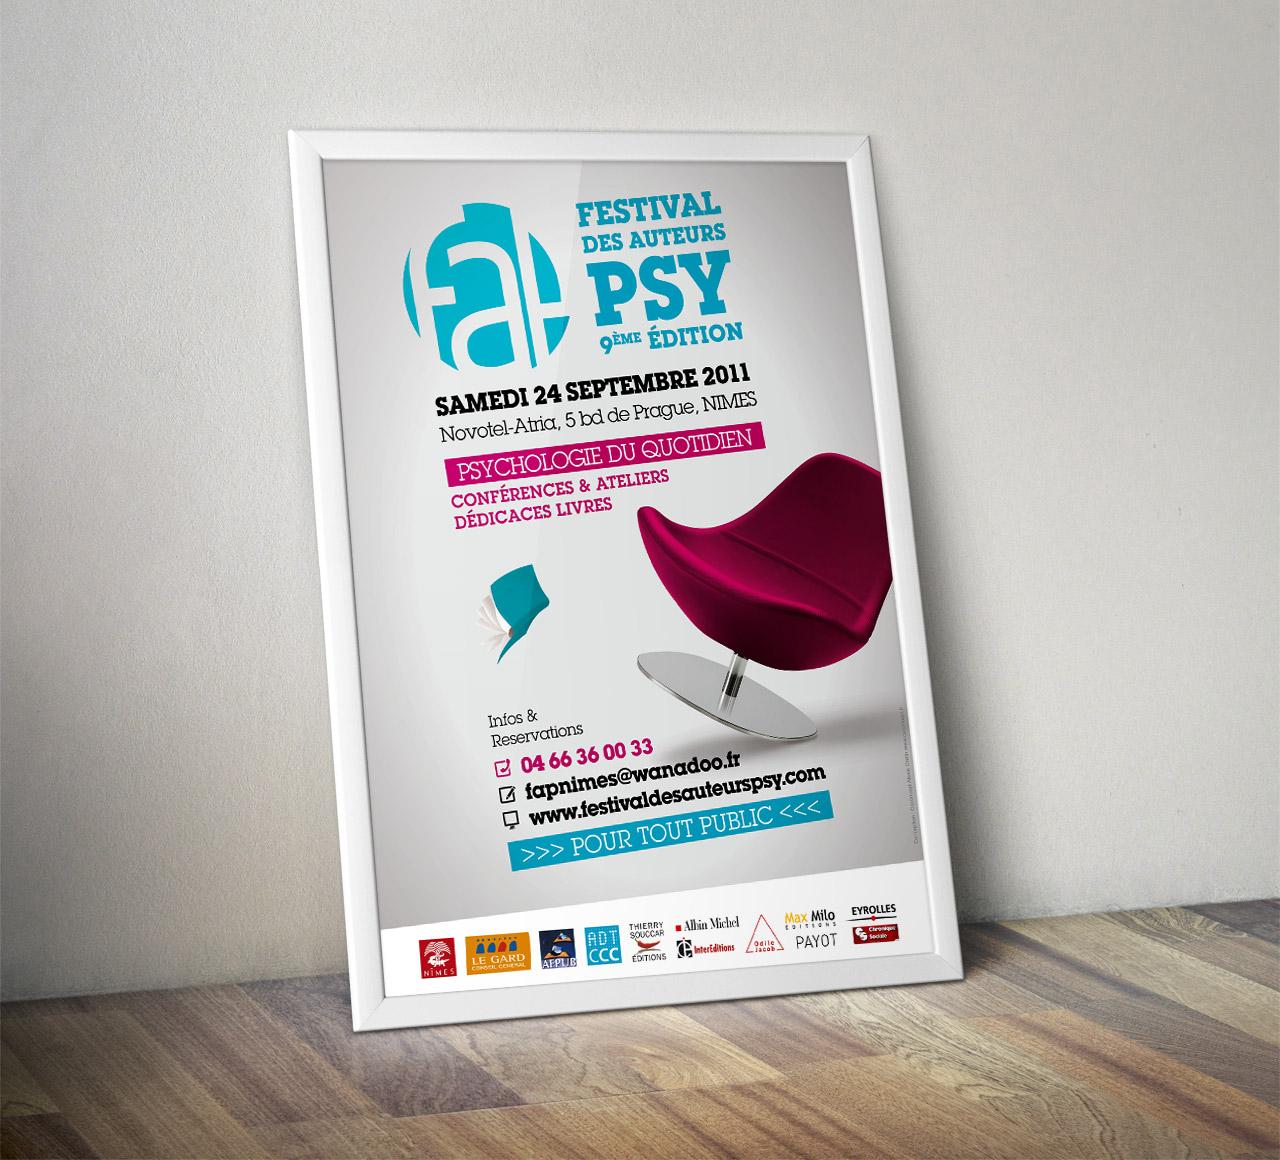 fap-creation-affiche-2011-communication-caconcept-alexis-cretin-graphiste-montpellier